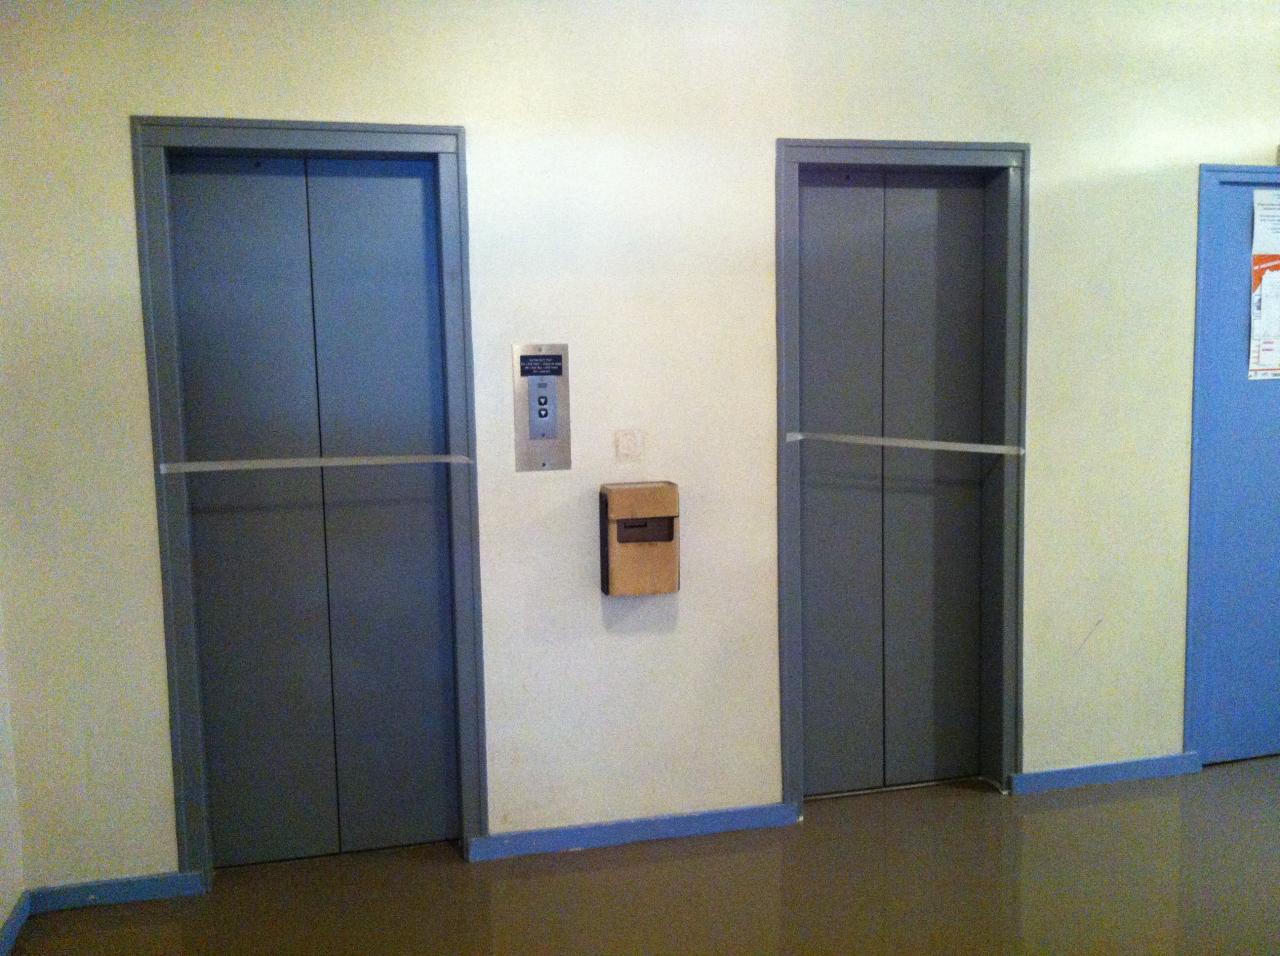 balisage au niveau des portes ascenseurs